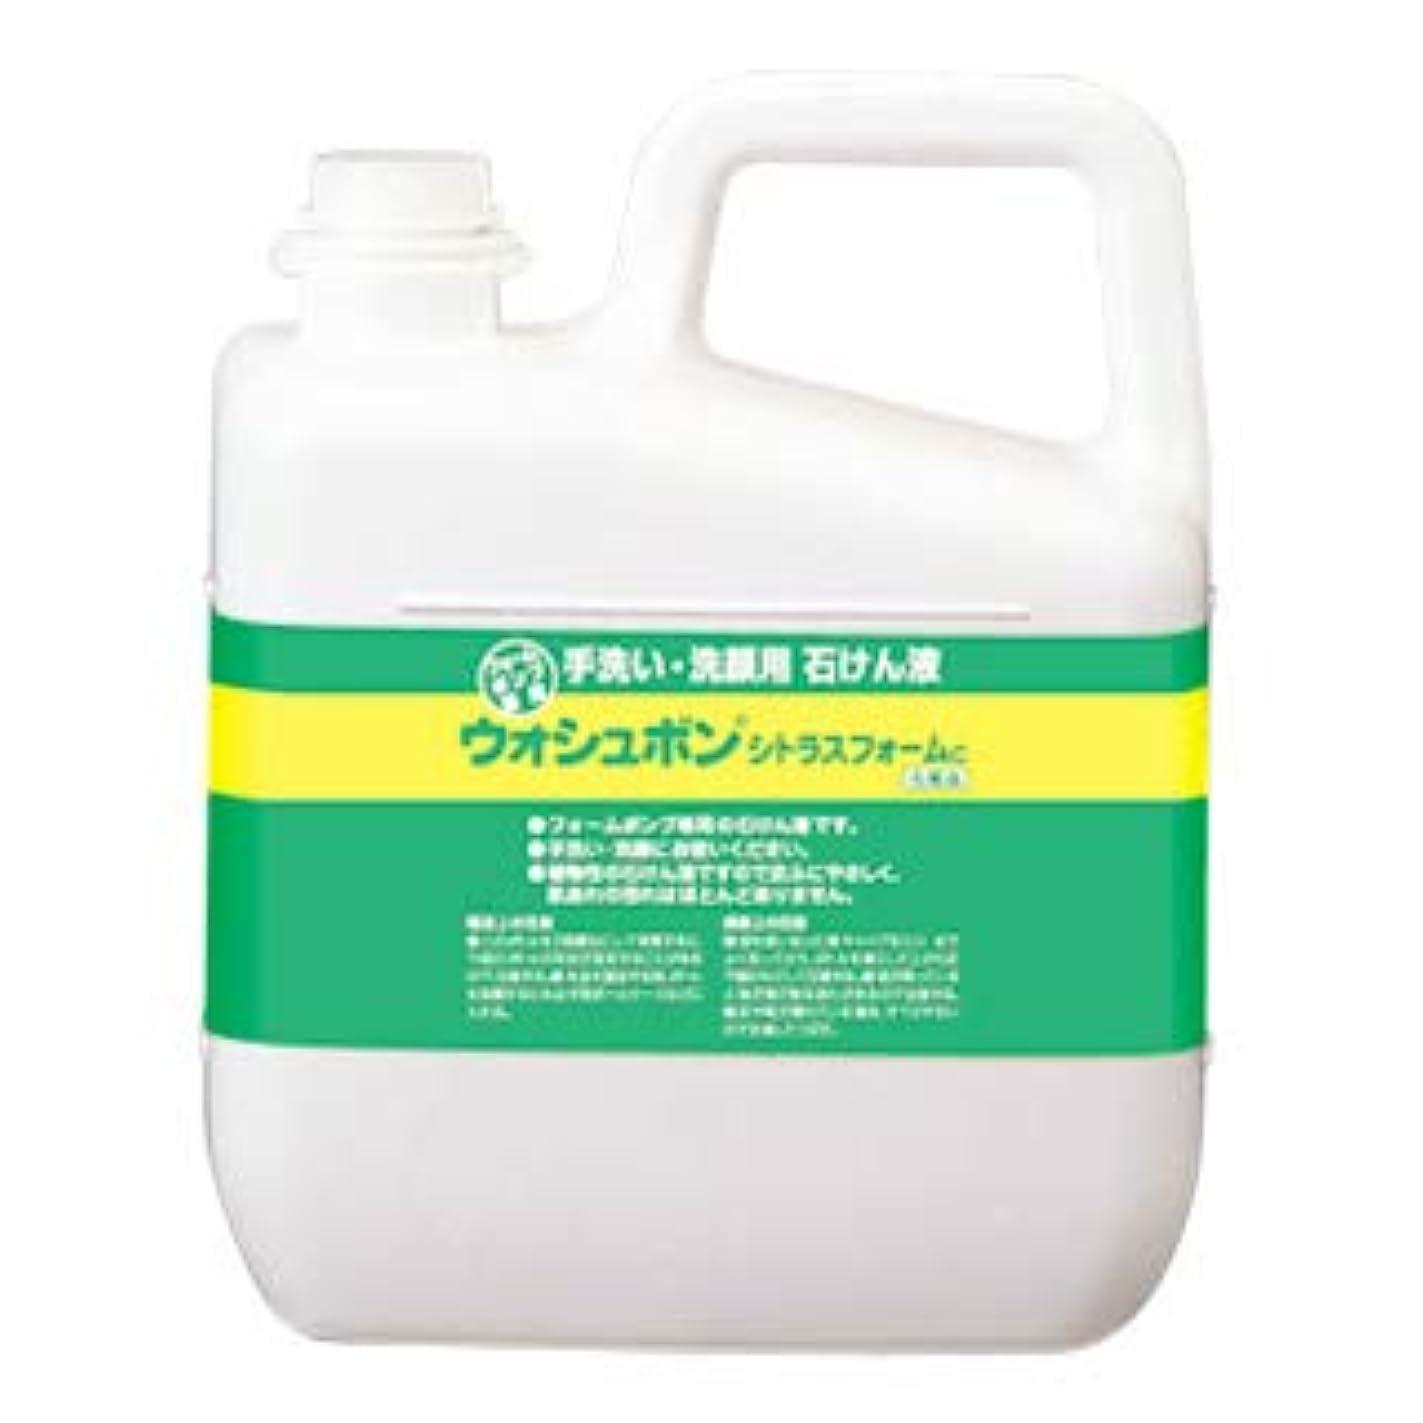 メンバー対角線有用サラヤ ウォシュボン 手洗い用石けん液 ウォシュボンシトラスフォームC 5kg